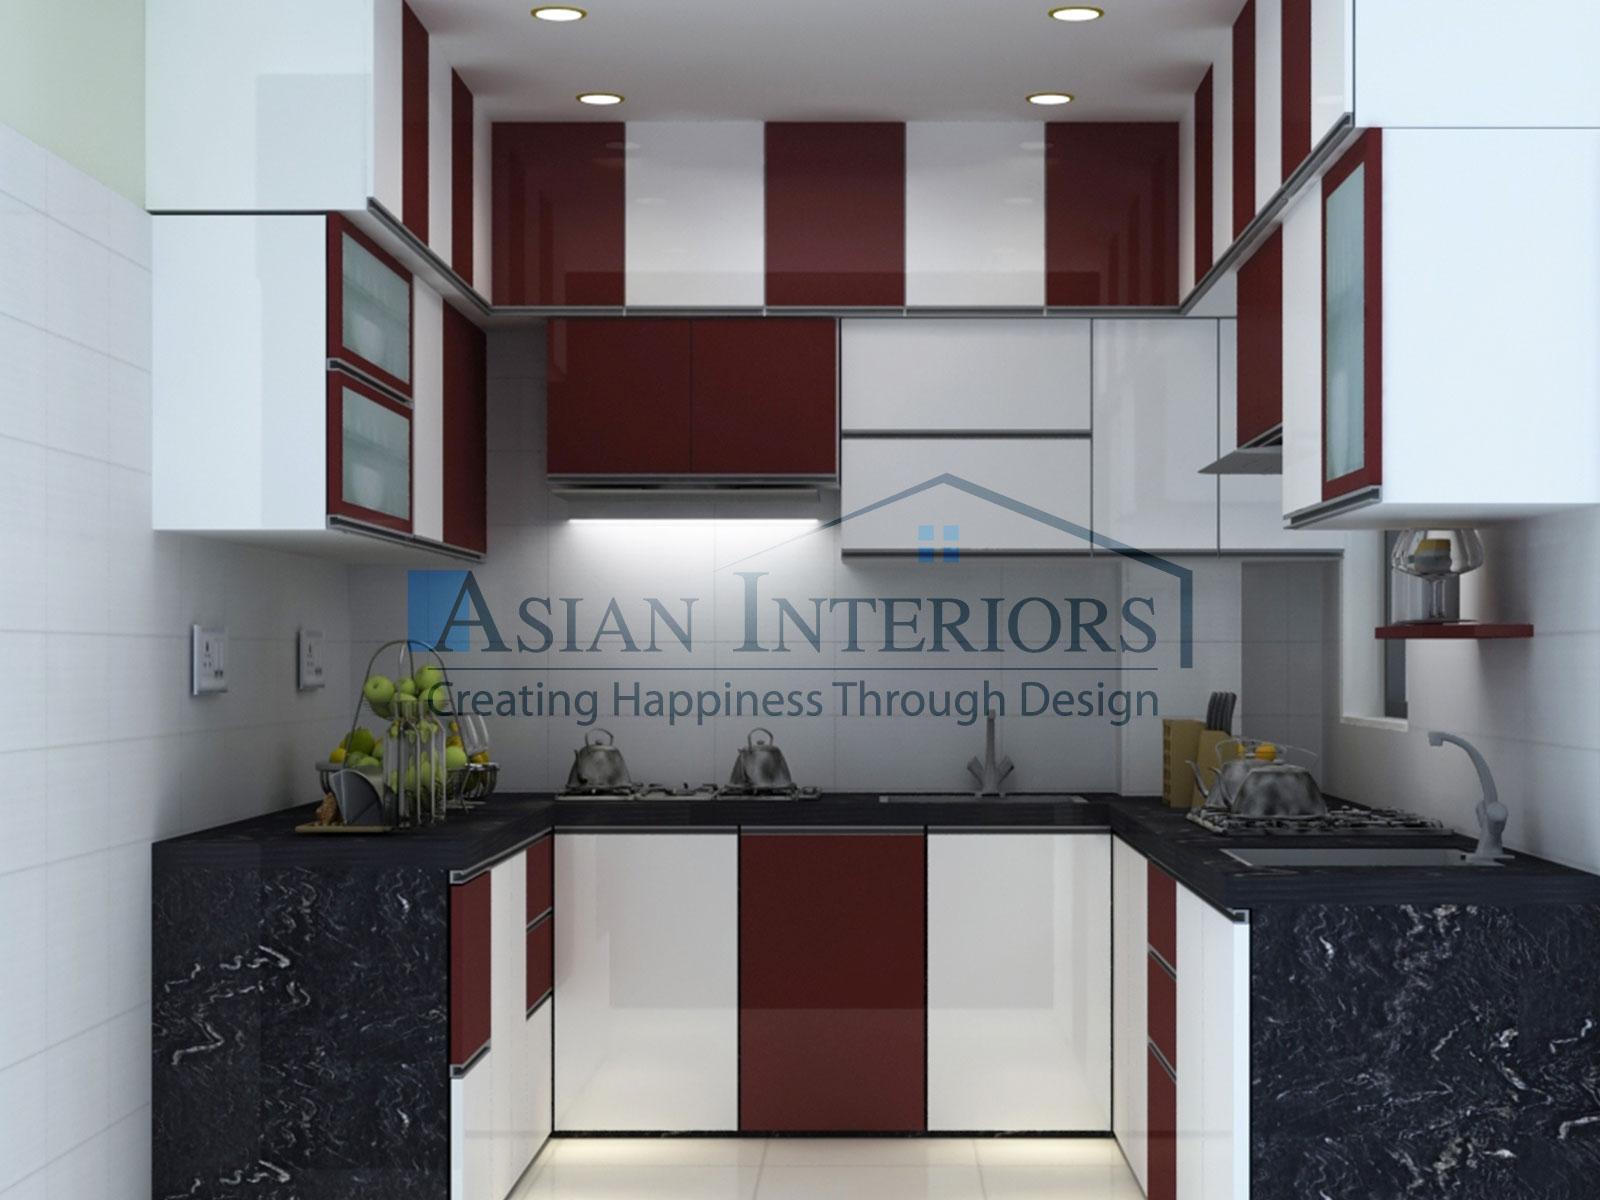 Asian-Interiors-Kitchen3